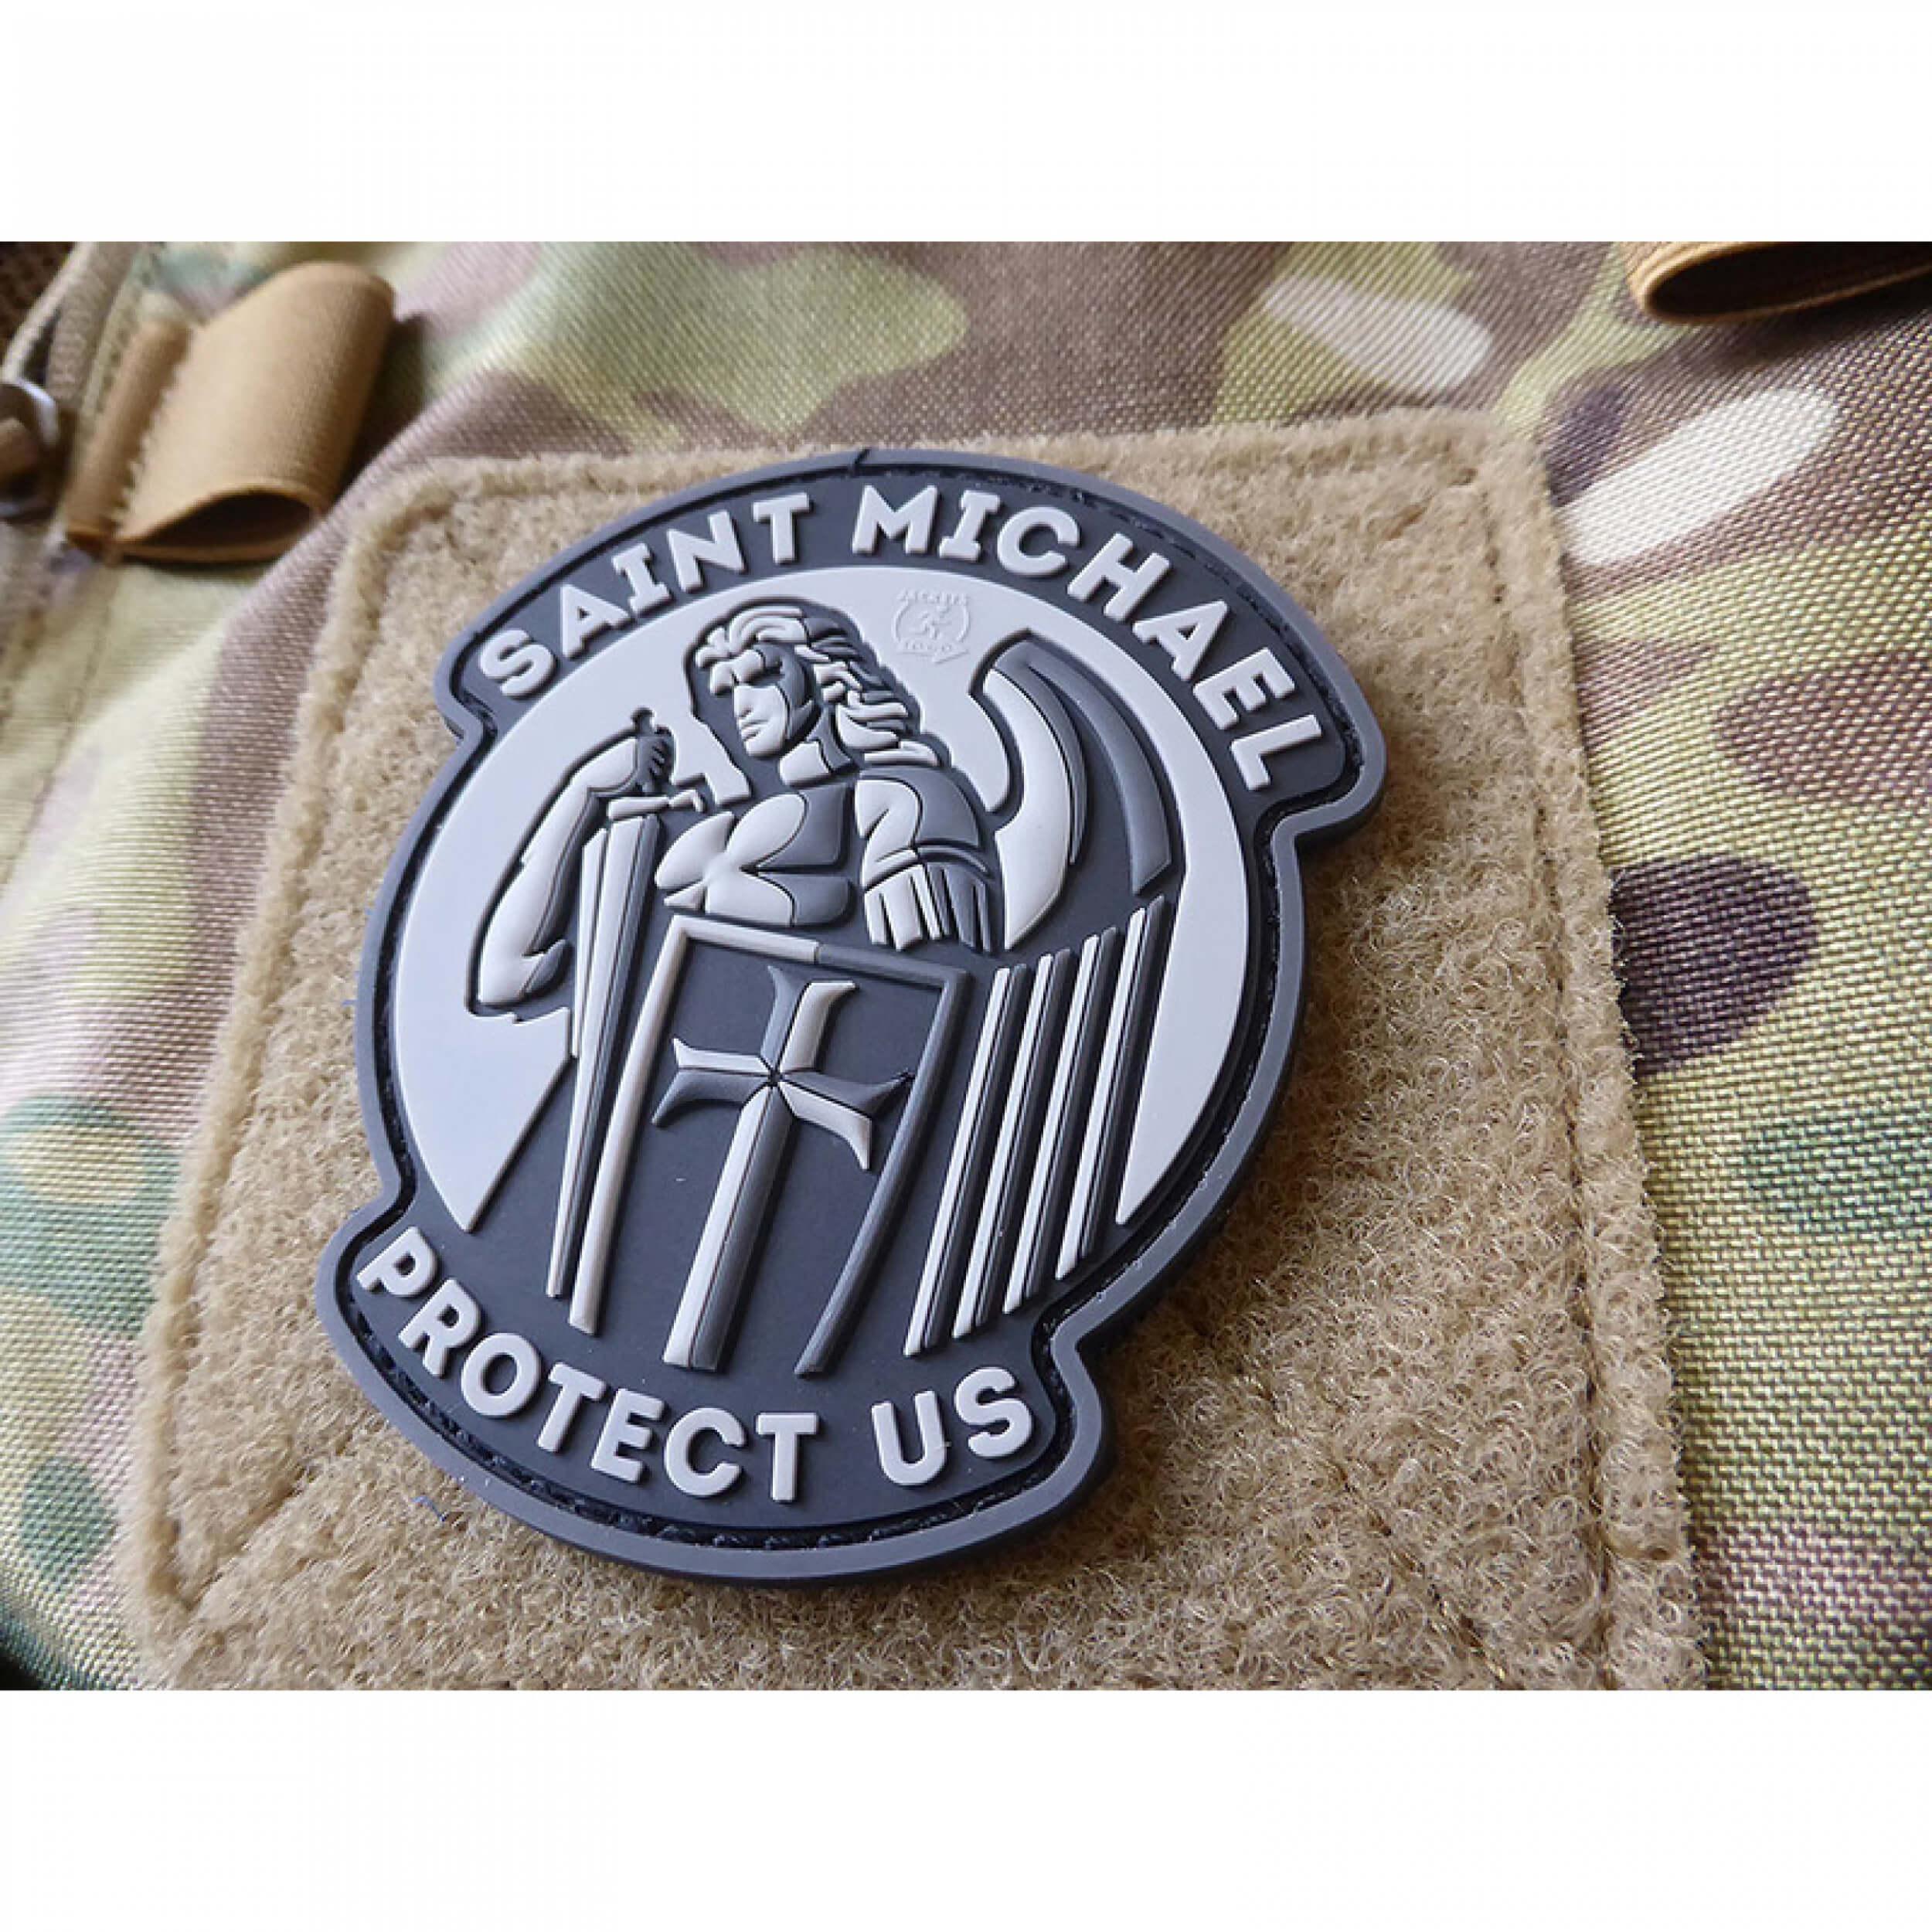 JTG SAINT MICHAEL PROTECT US Patch, blackops (gb)